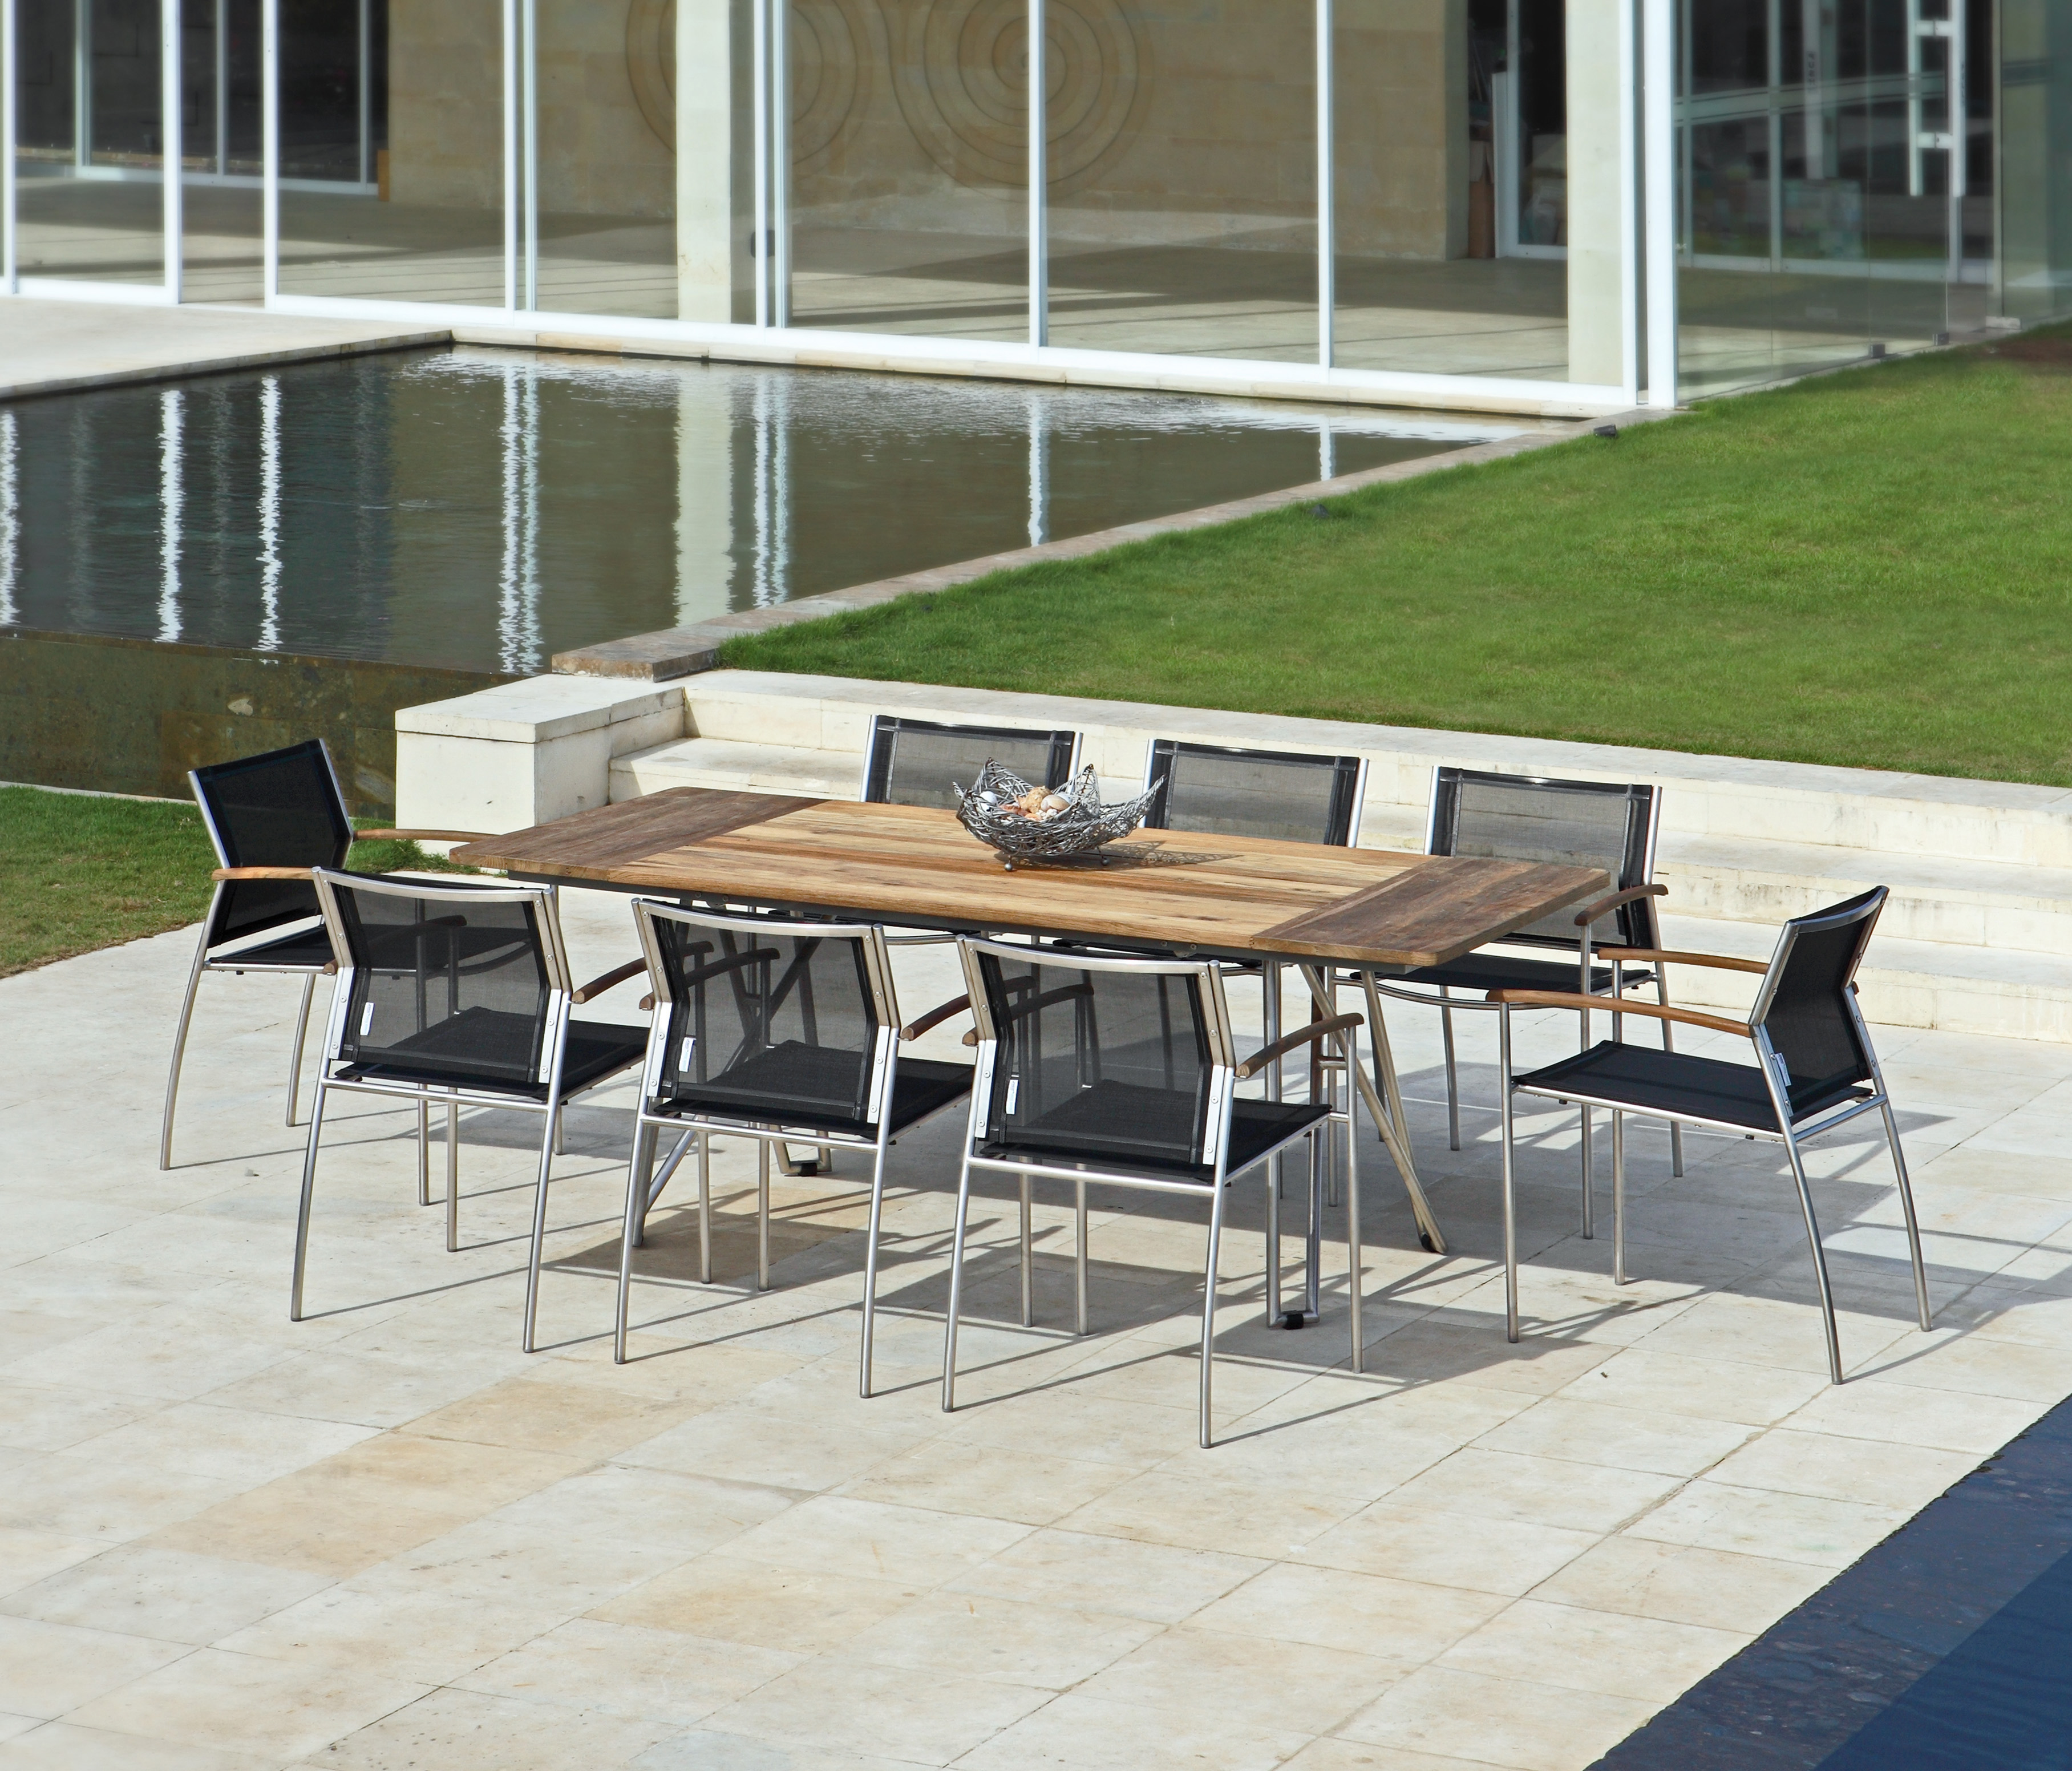 Zebra Gartenmöbel-Set Rovex: Die Tischdekoration gehört nicht zum Lieferumfang.